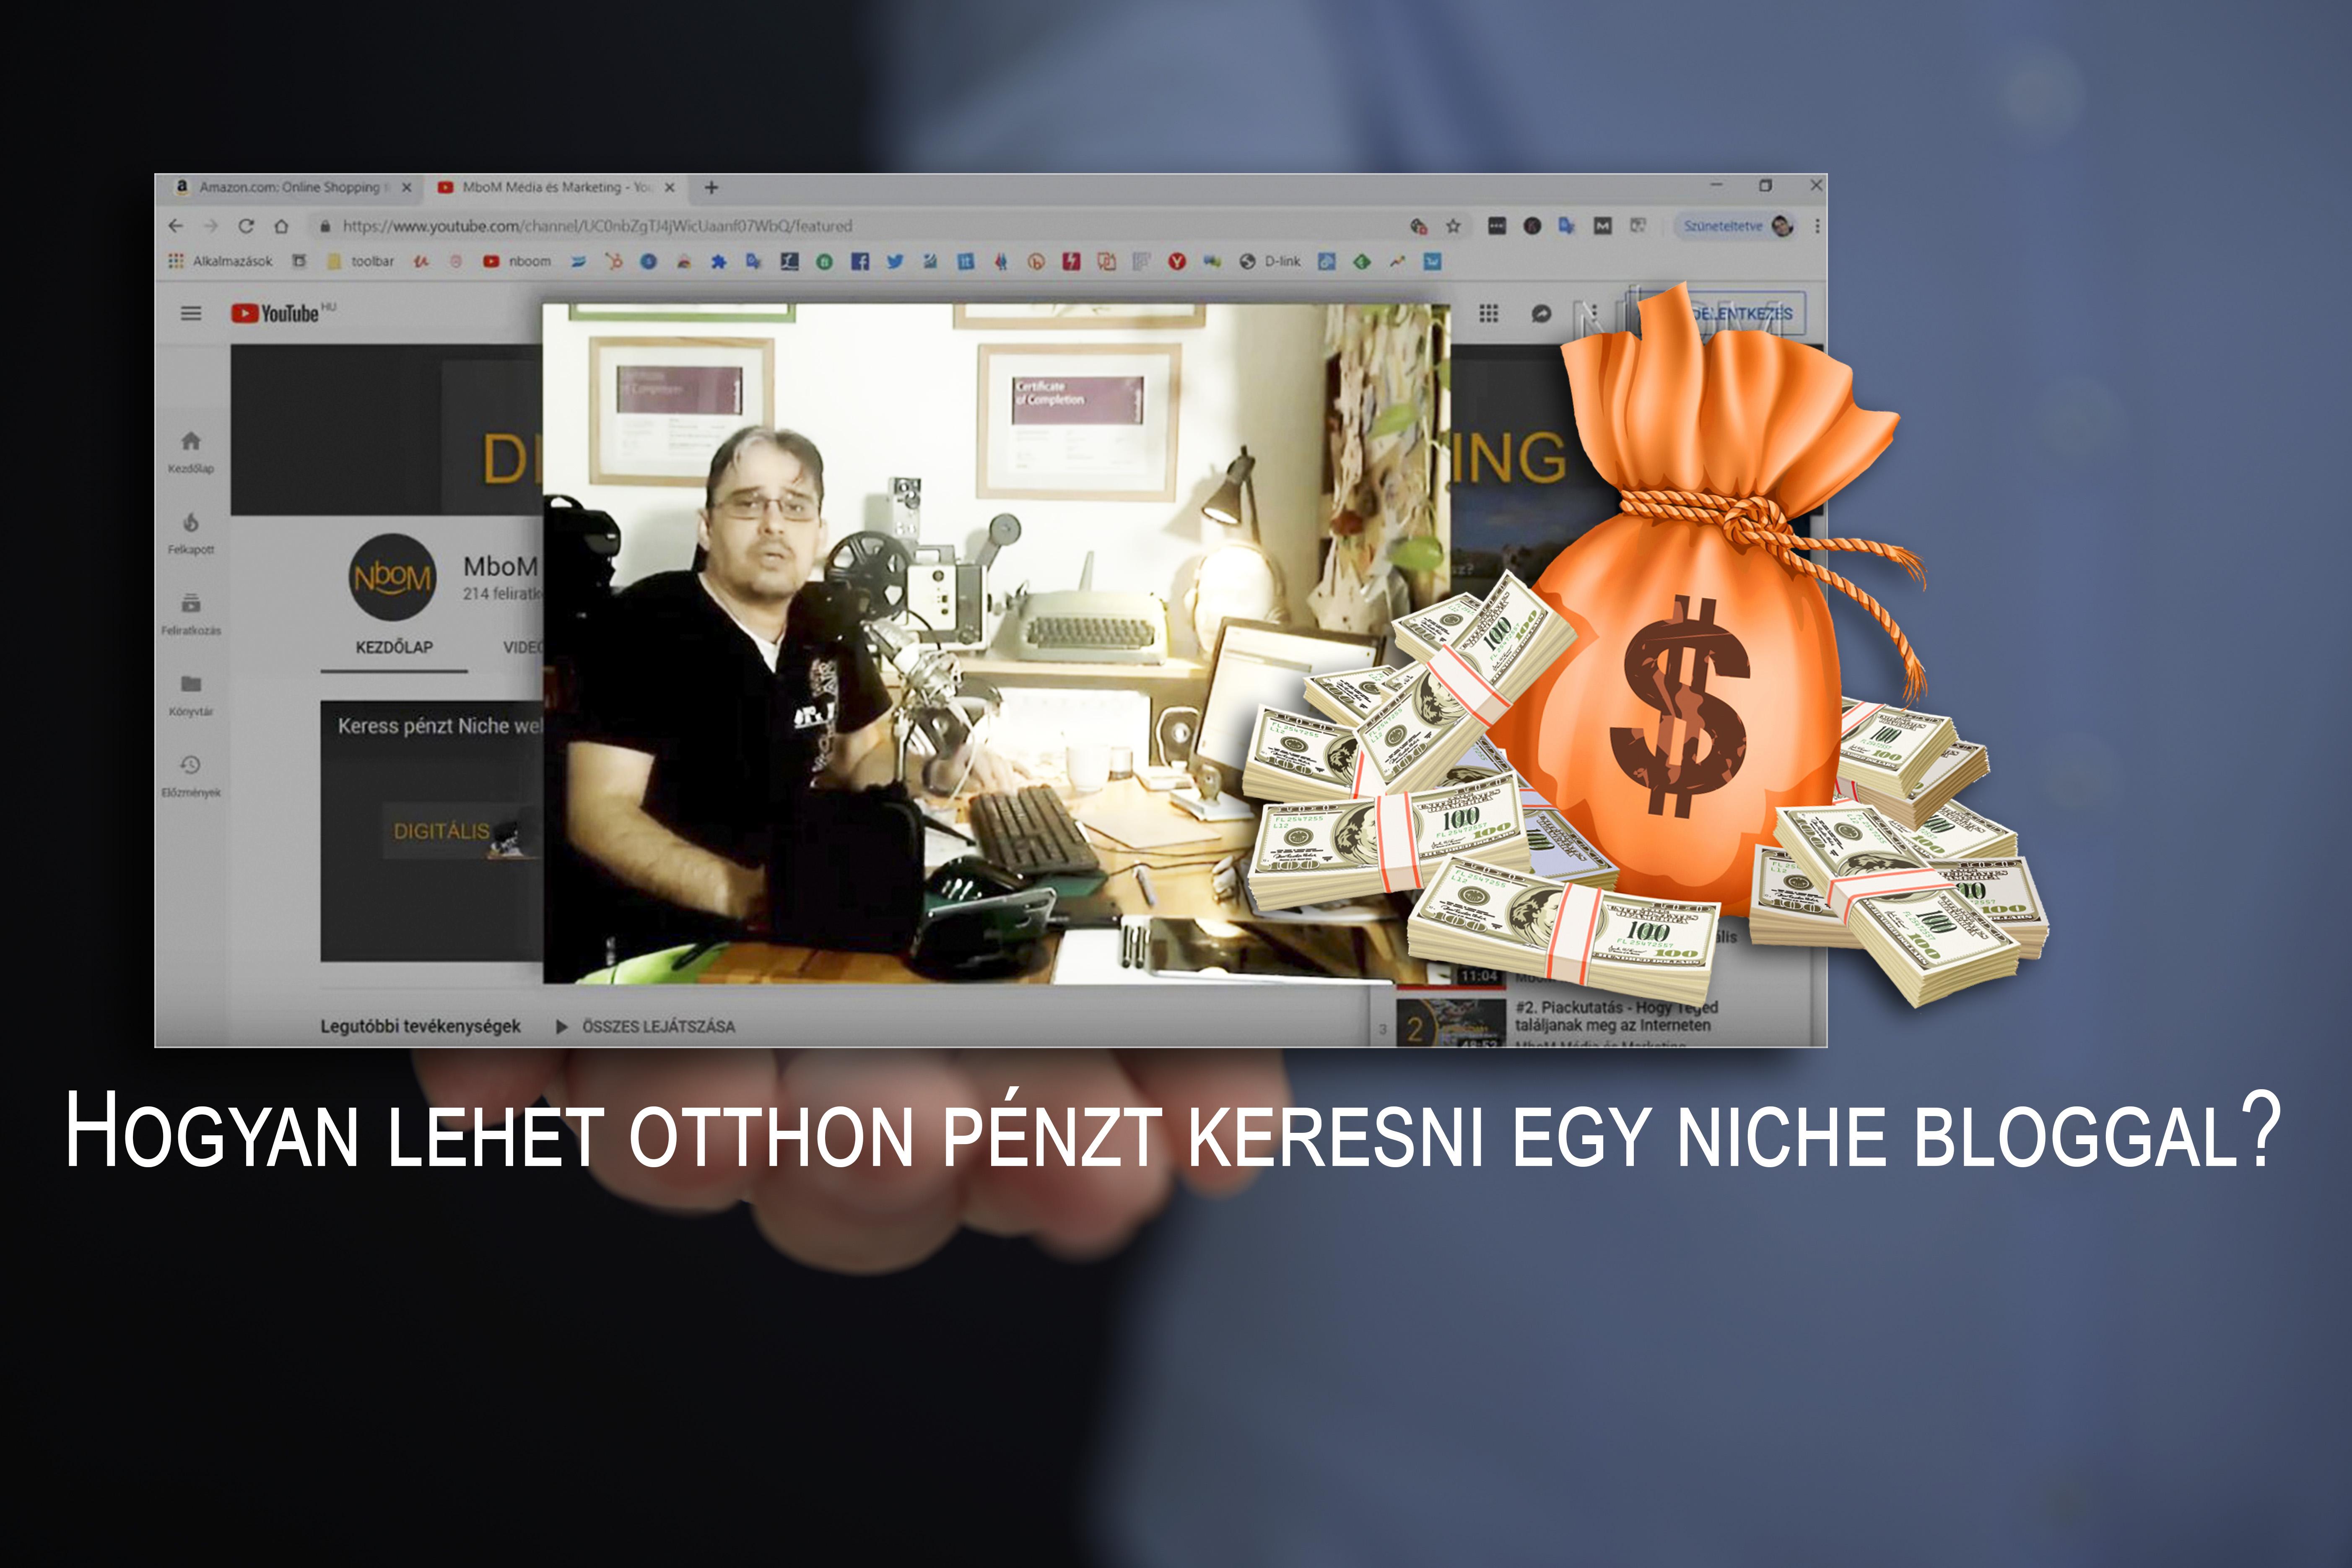 1000 webhely pénzt keresni az internetes blogspot-on